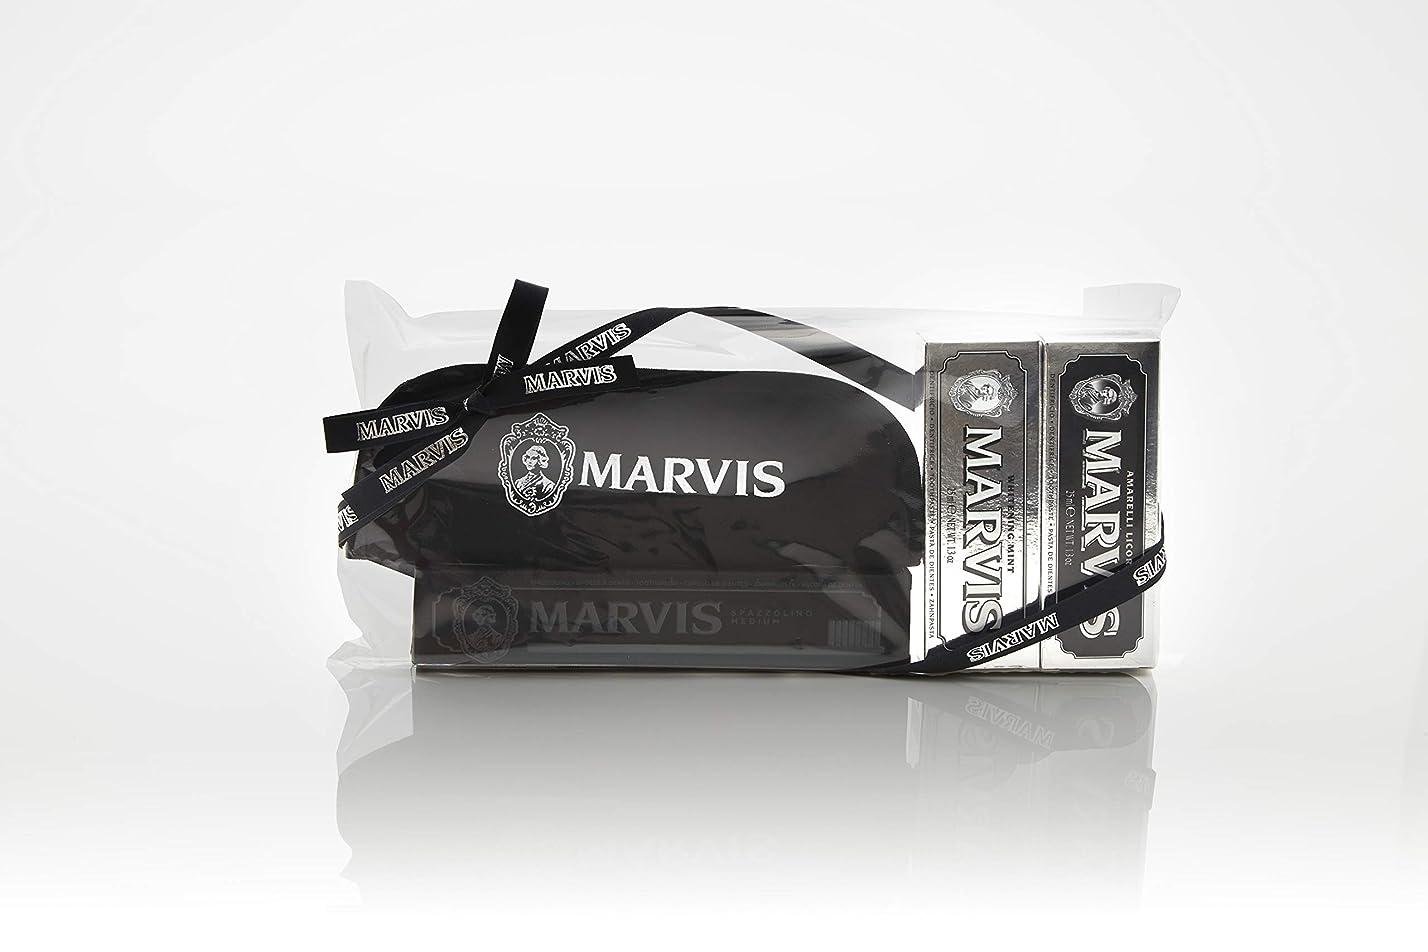 鳩エレガント民族主義MARVIS(マービス) トラベル?セットDouble Flavors (歯みがき粉?歯ブラシ?ポー